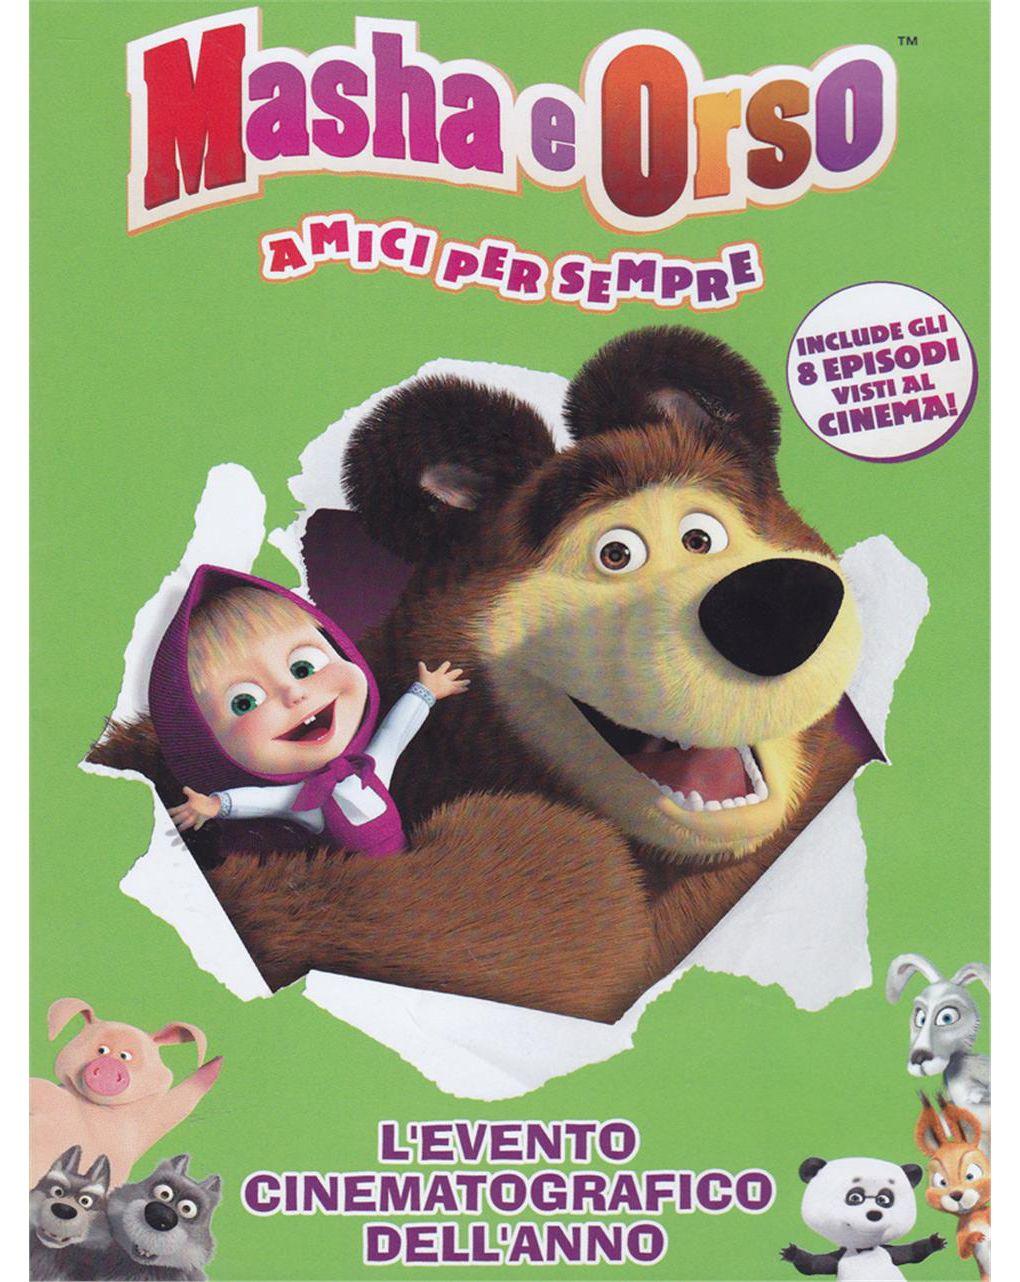 Dvd masha e orso - stagione 02 #02 - Video Delta